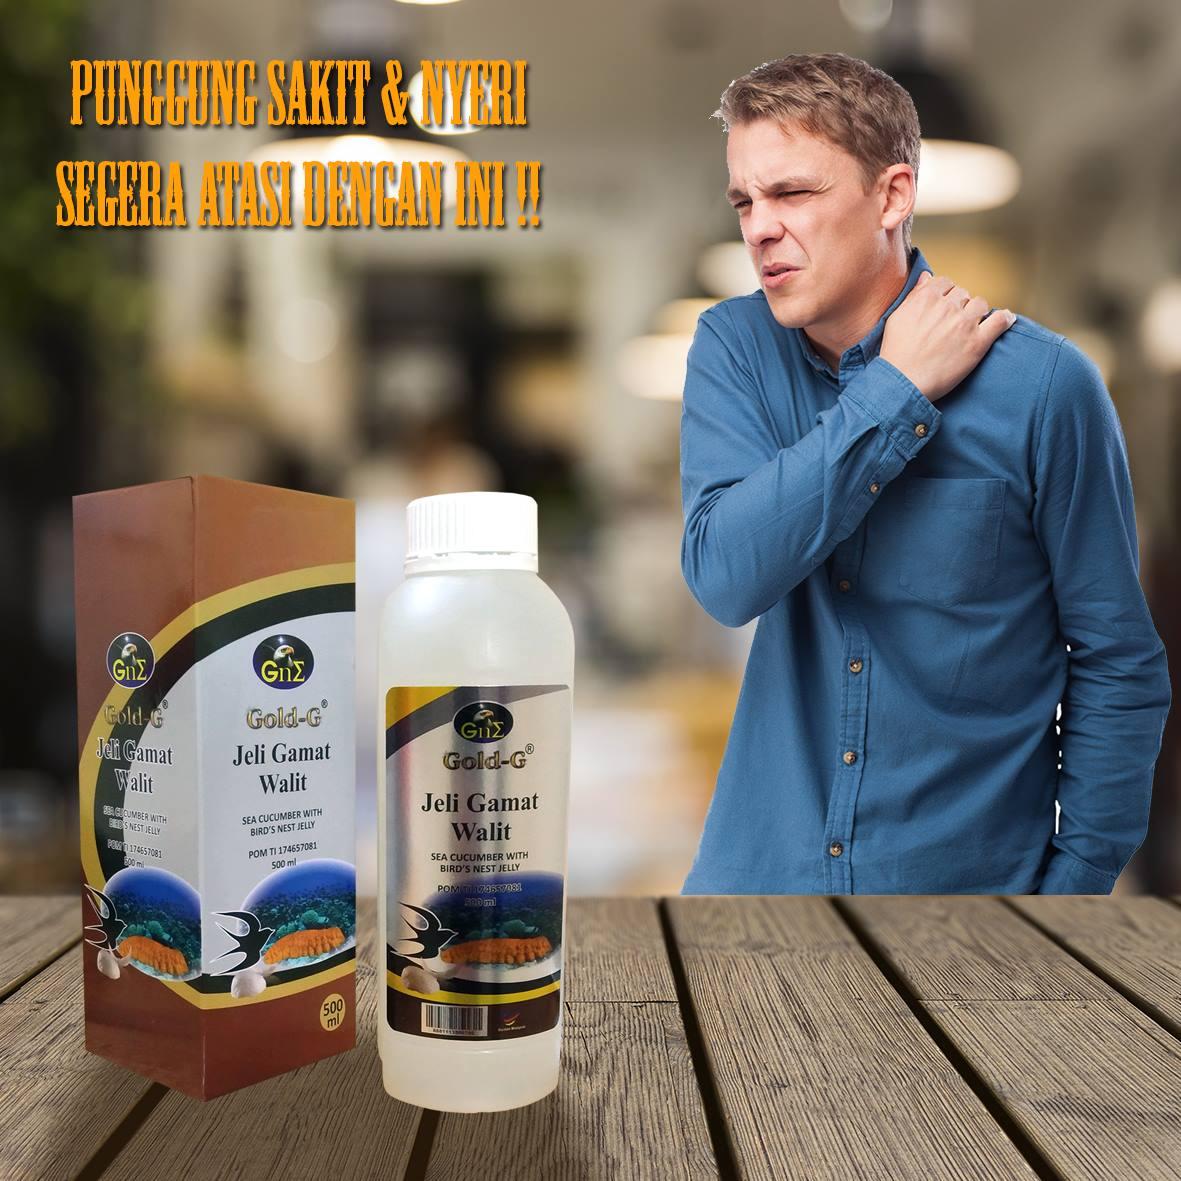 Obat Nyeri Punggung Jelly Gamat Gold G Walet